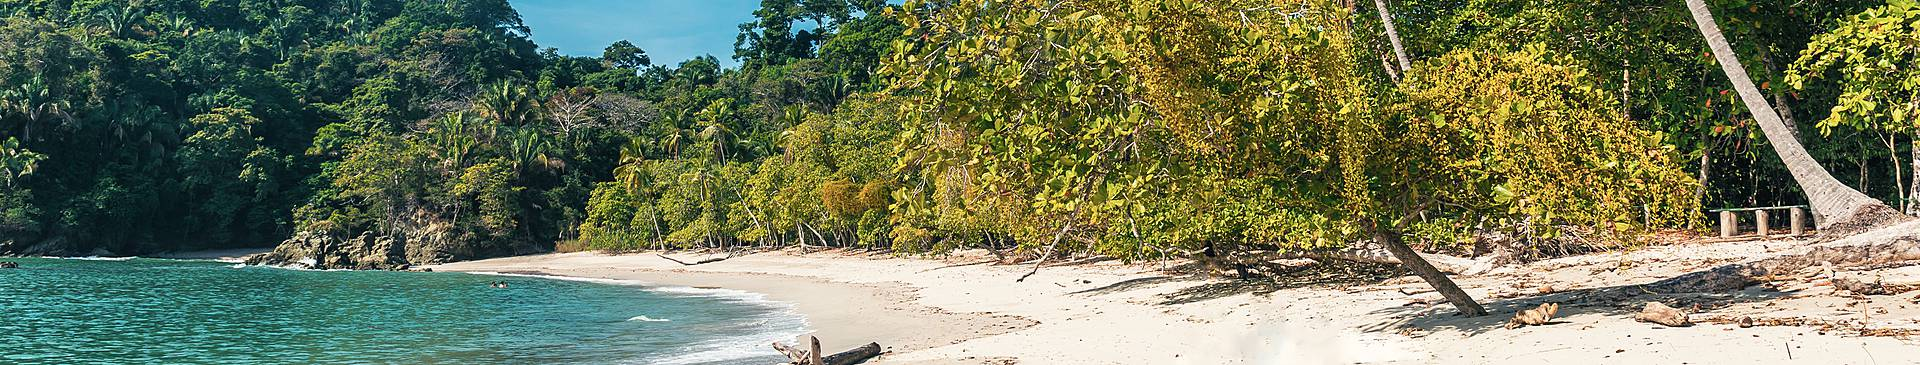 Viaggi al mare in Costa Rica